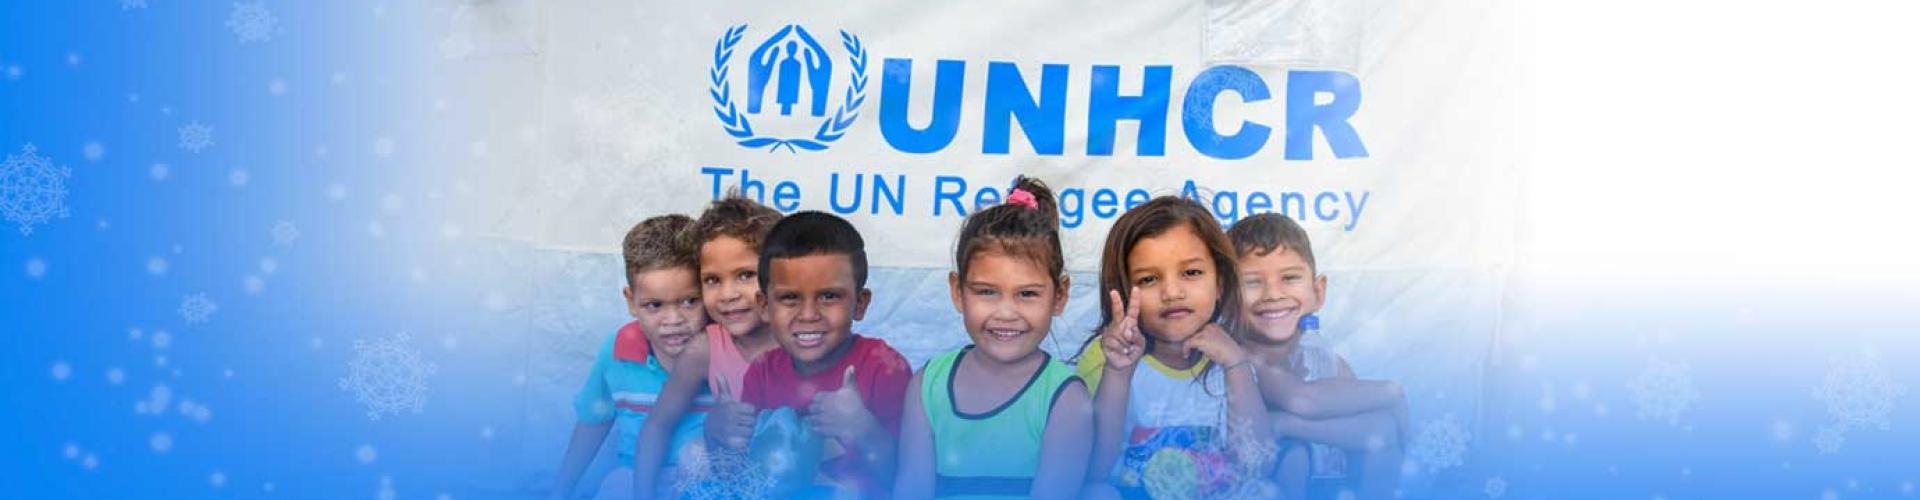 เทศกาลแห่งการให้ มอบสิ่งของบรรเทาทุกข์เป็นของขวัญให้ผู้ลี้ภัยทั่วโลก